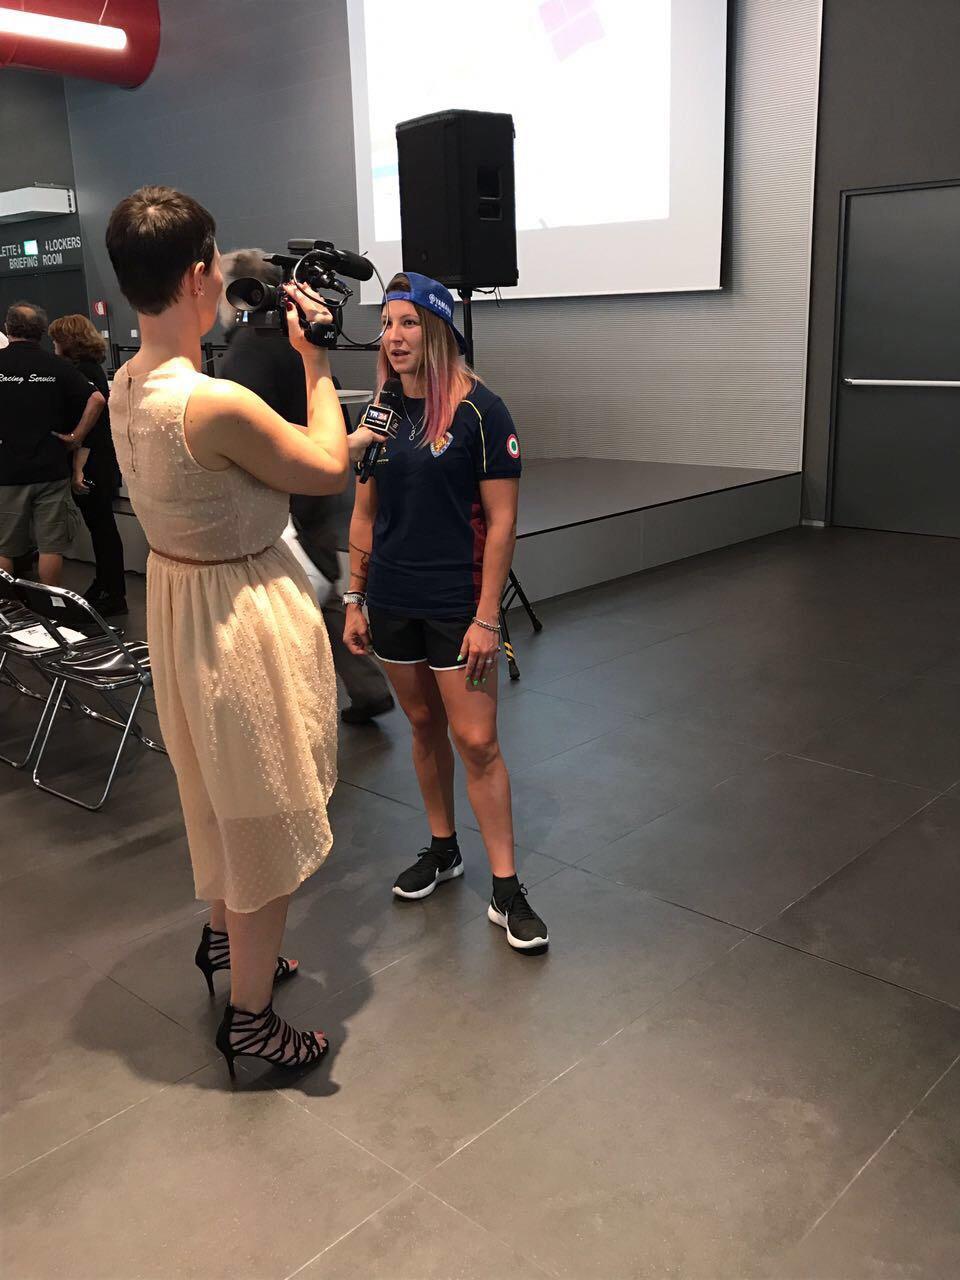 Presentazione MXGP Imola 2018